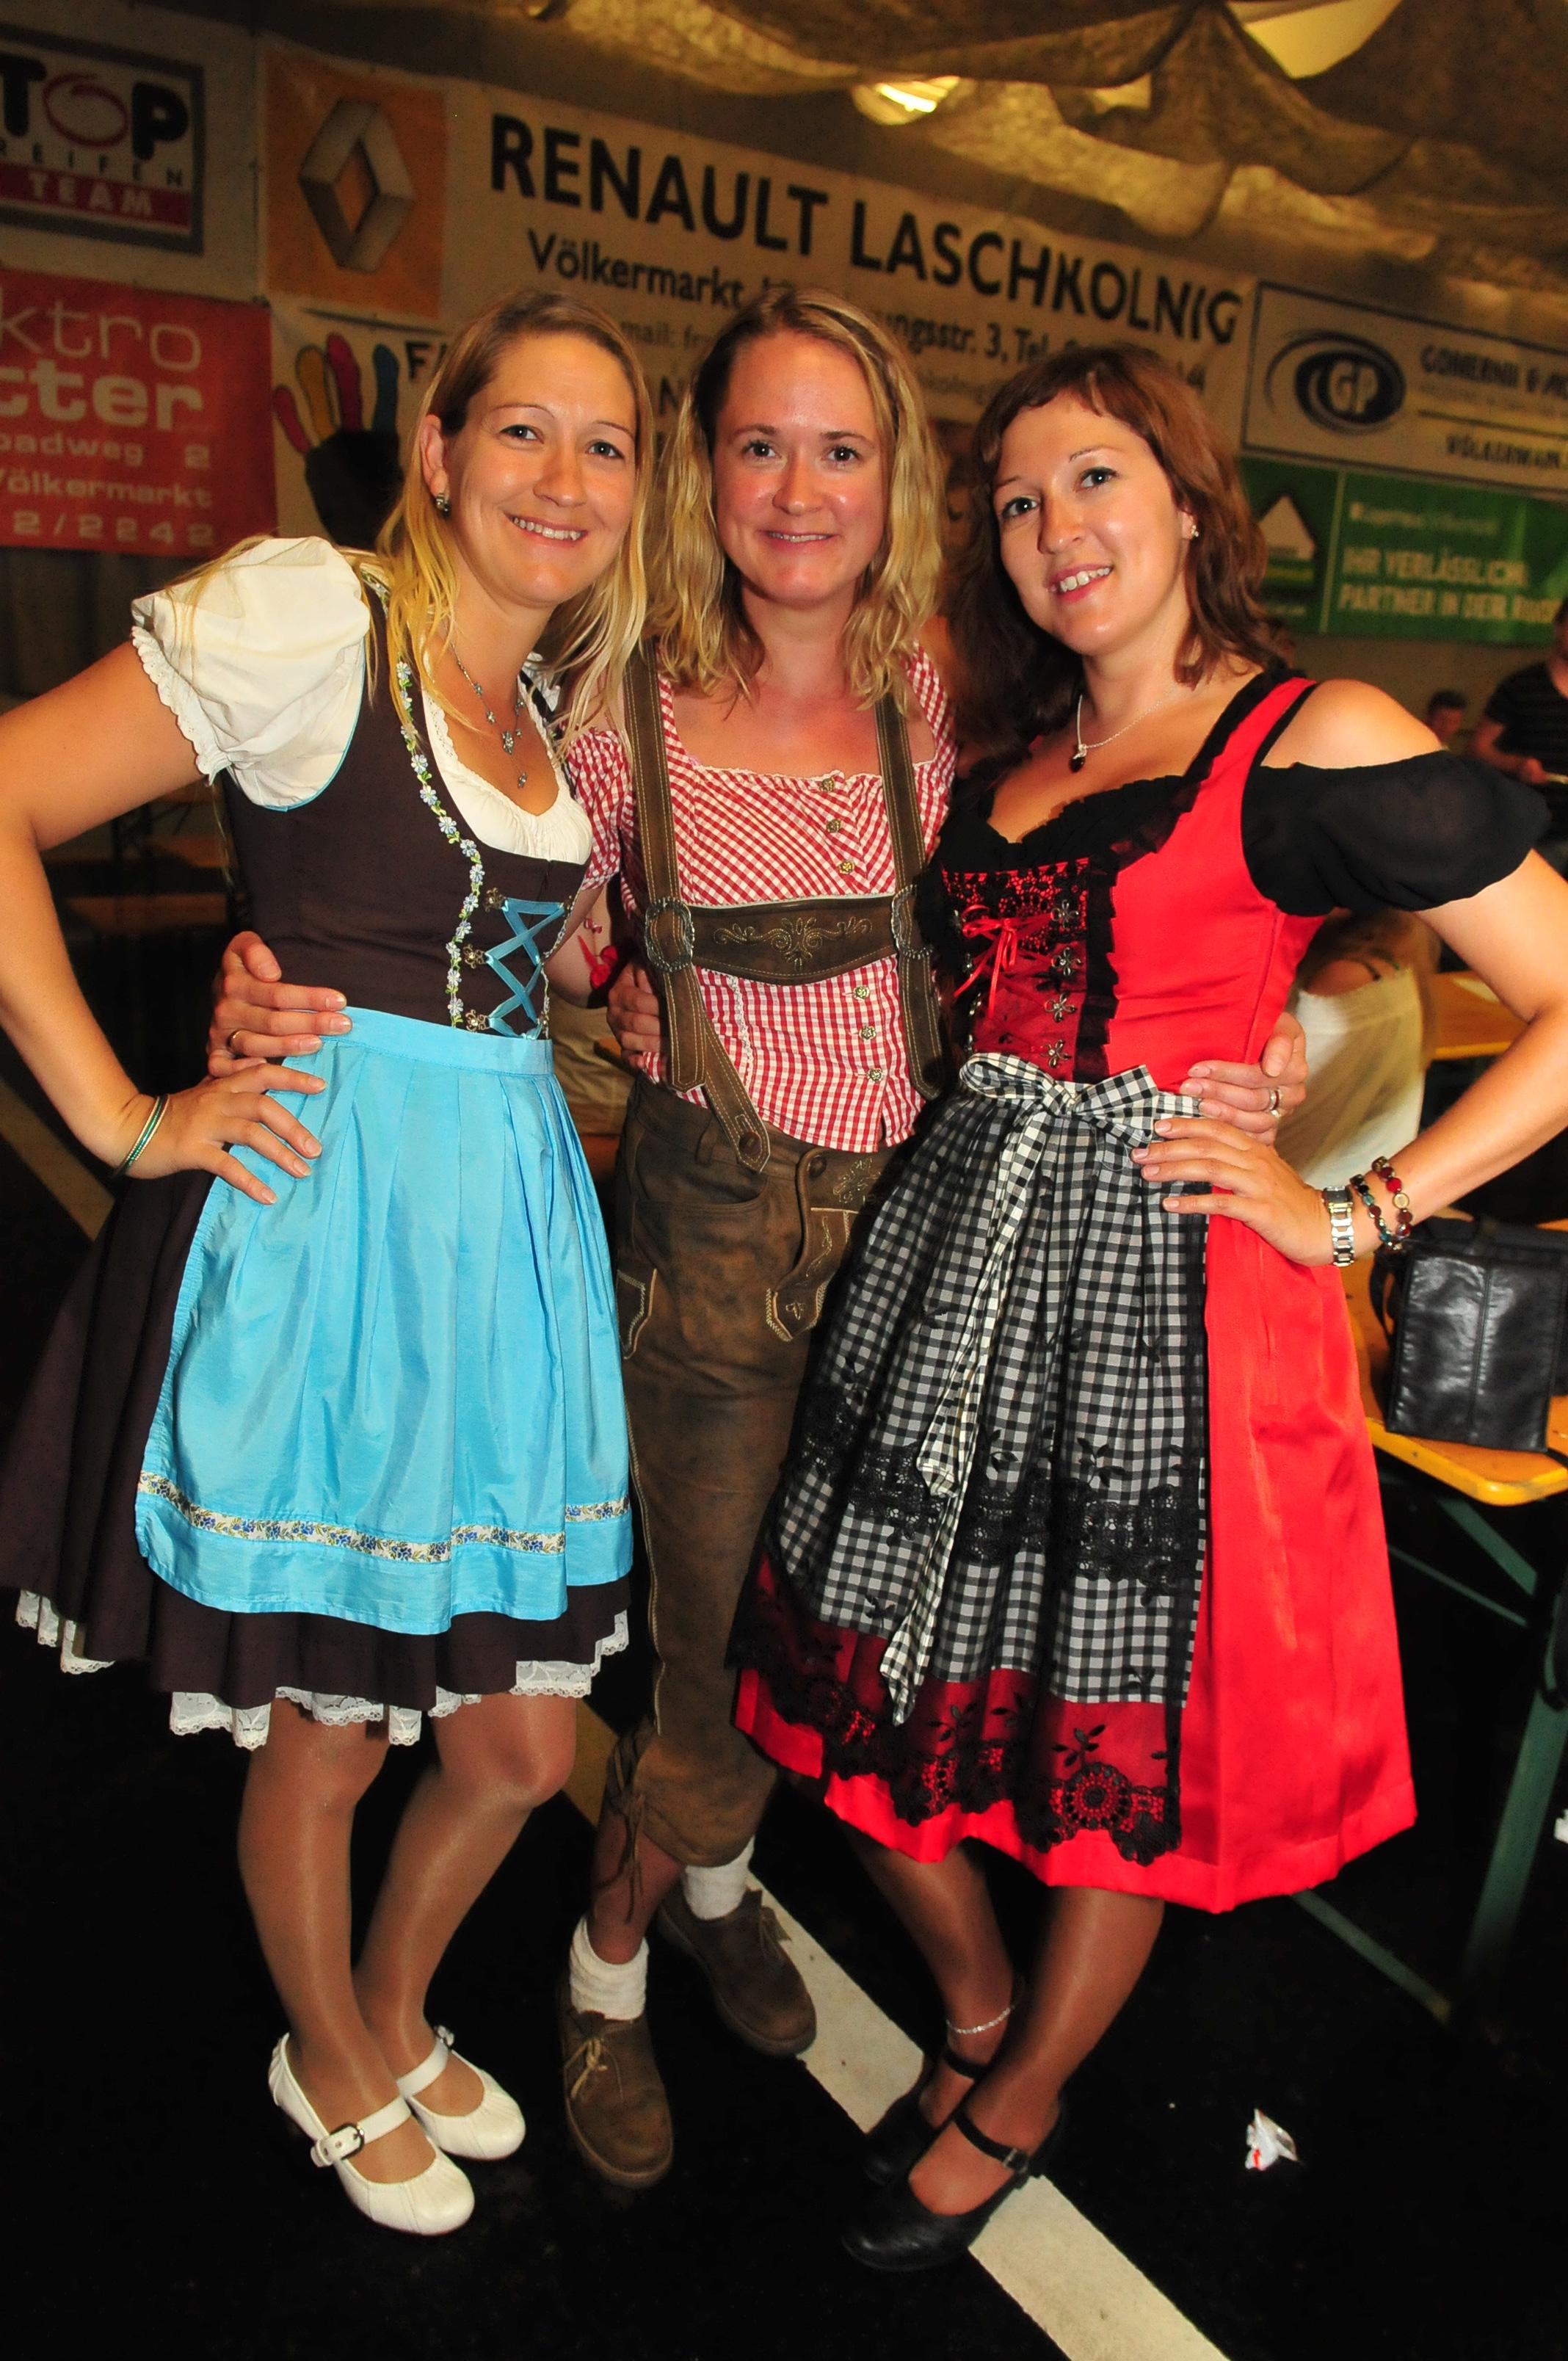 Völkermarkter Nachkirchtag 2011